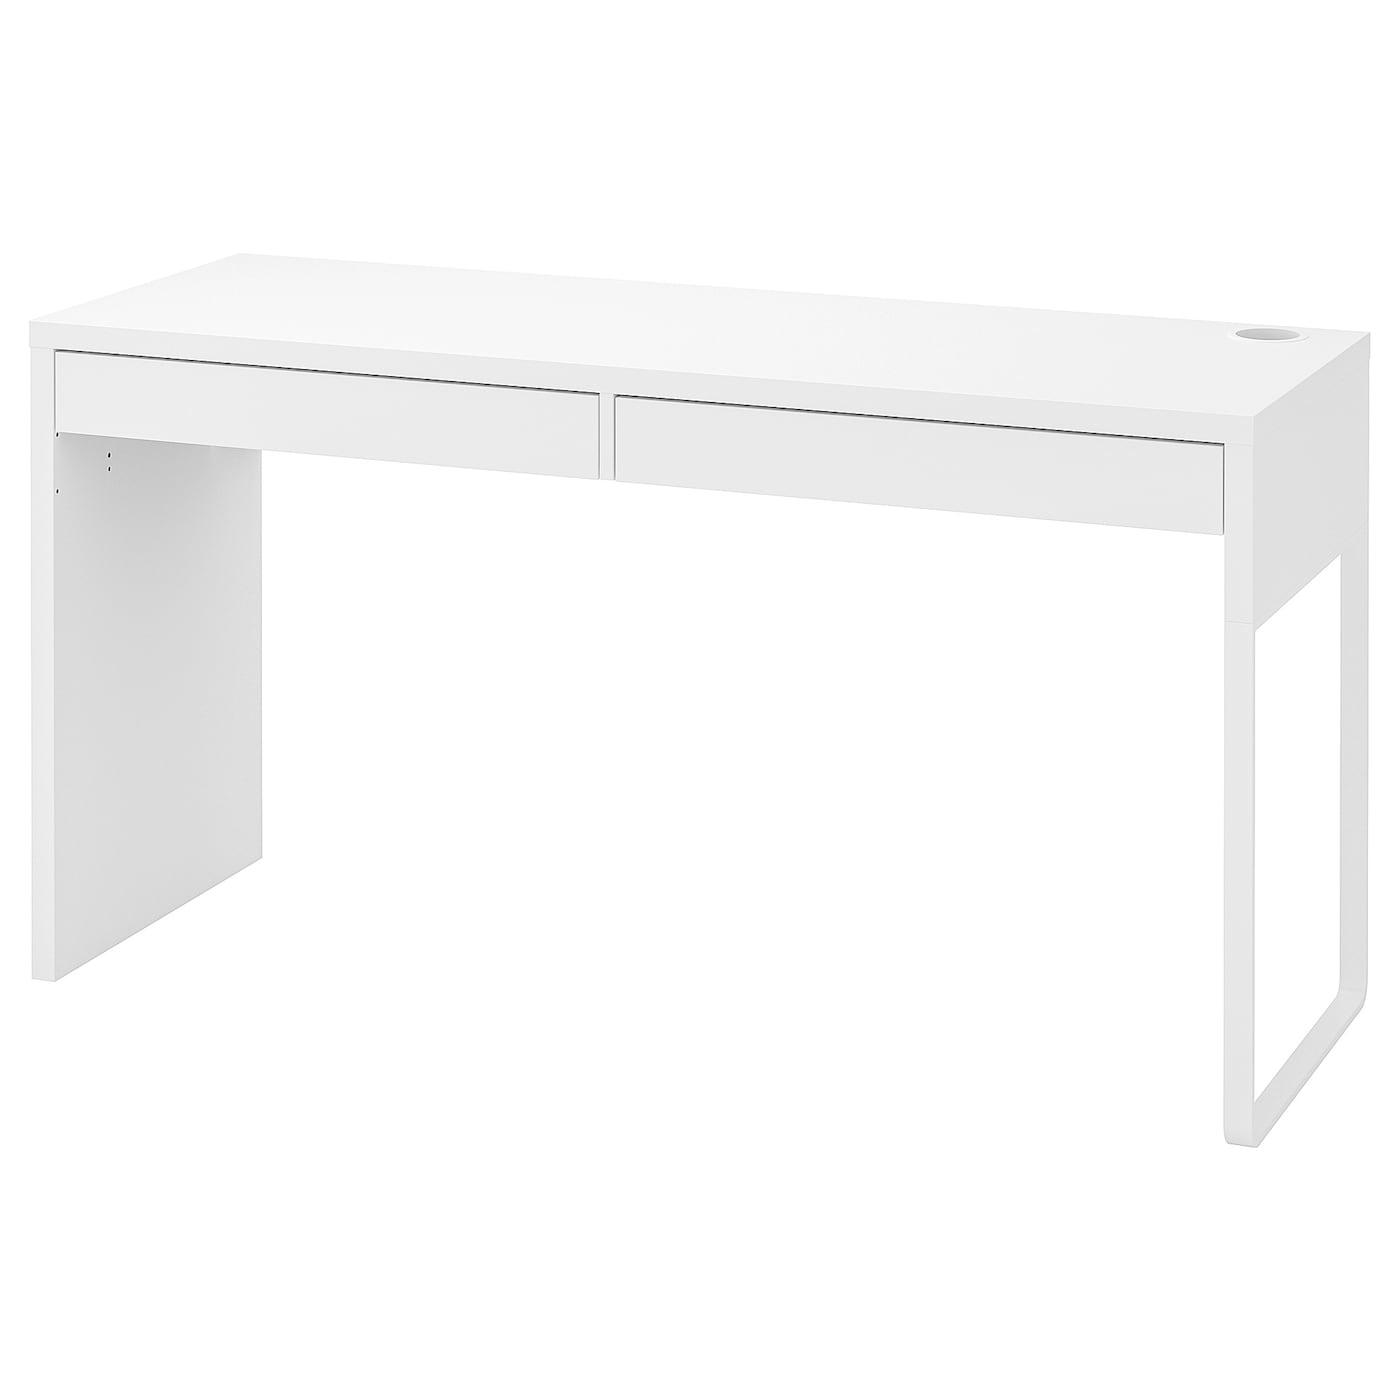 Consolle In Vetro Ikea.Micke Desk White 142x50 Cm Ikea